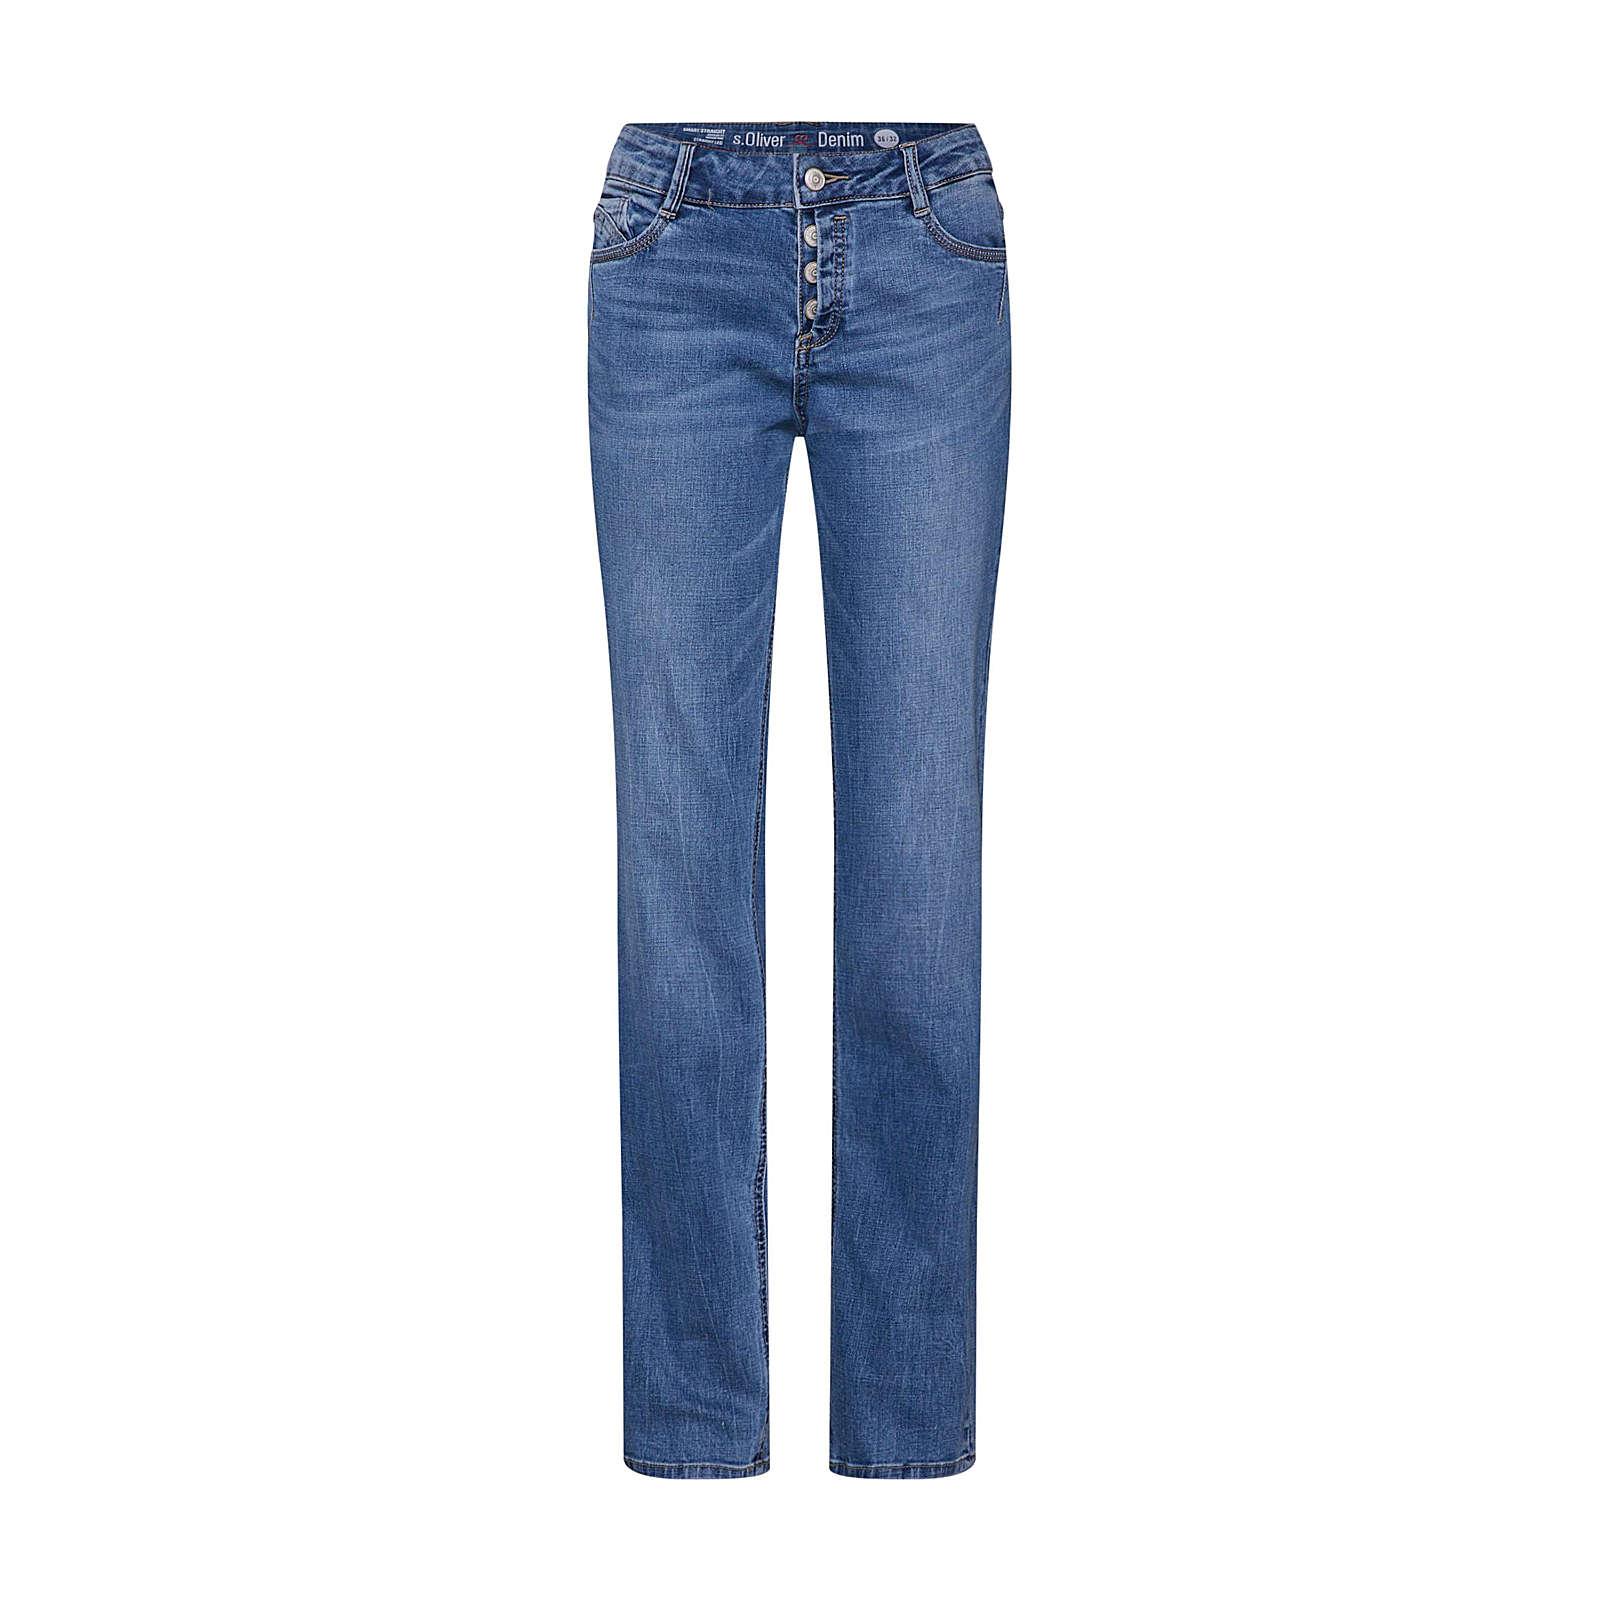 s.Oliver RED LABEL Jeans SMART STRAIGHT Jeanshosen blue denim Damen Gr. 34/L30